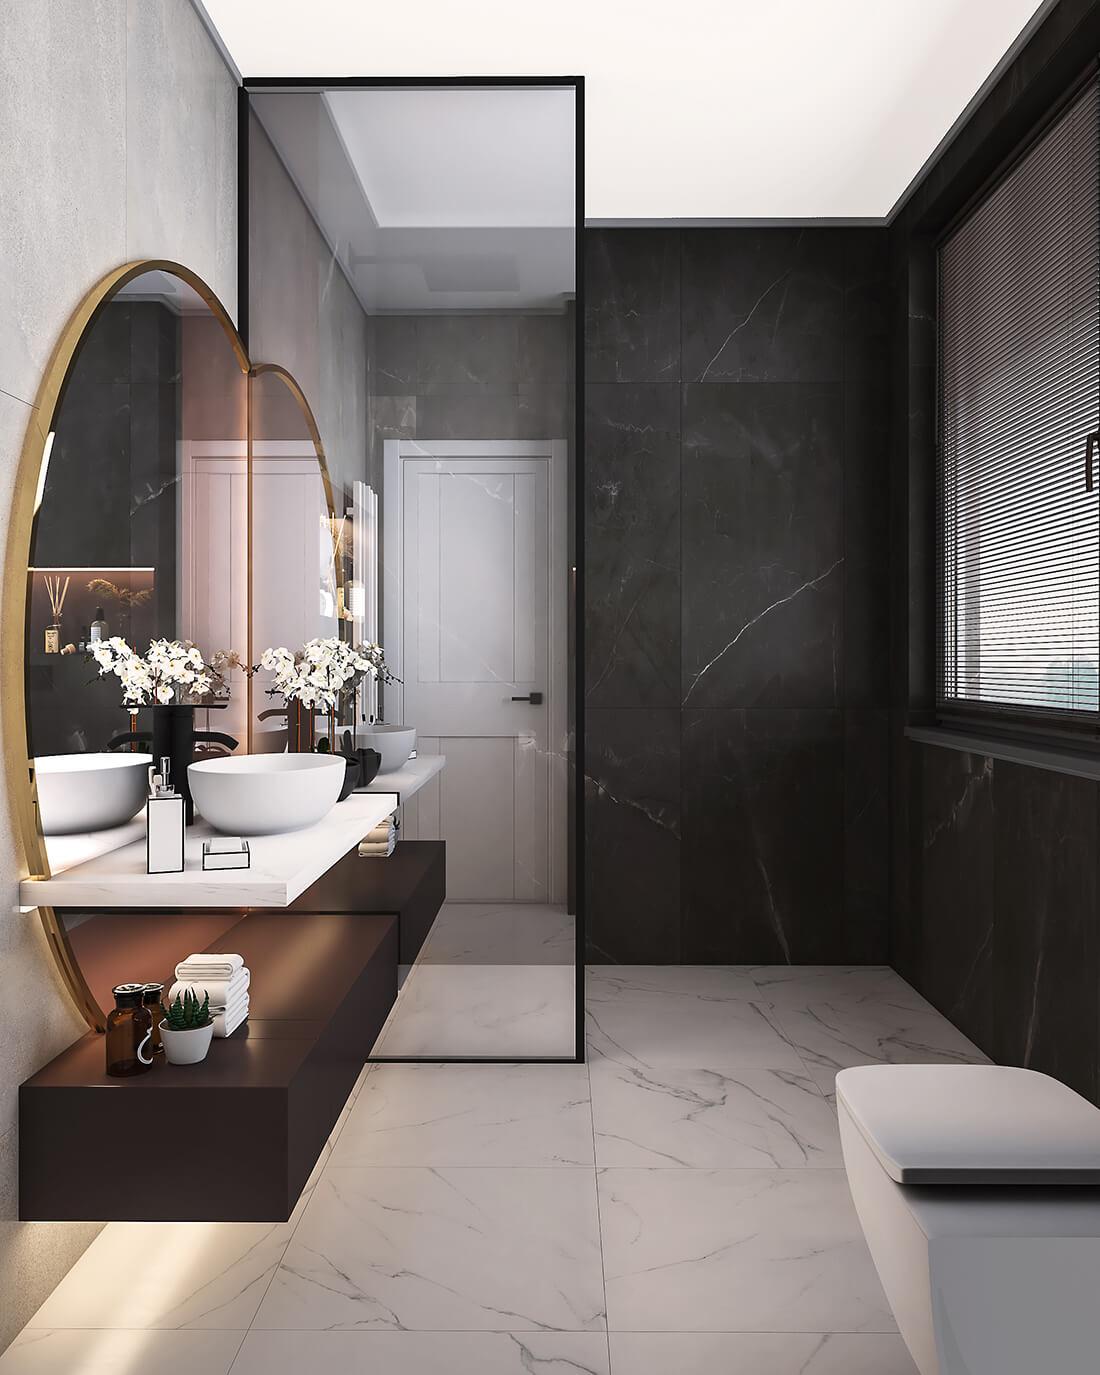 interioren dizain proekt na banya za gosti